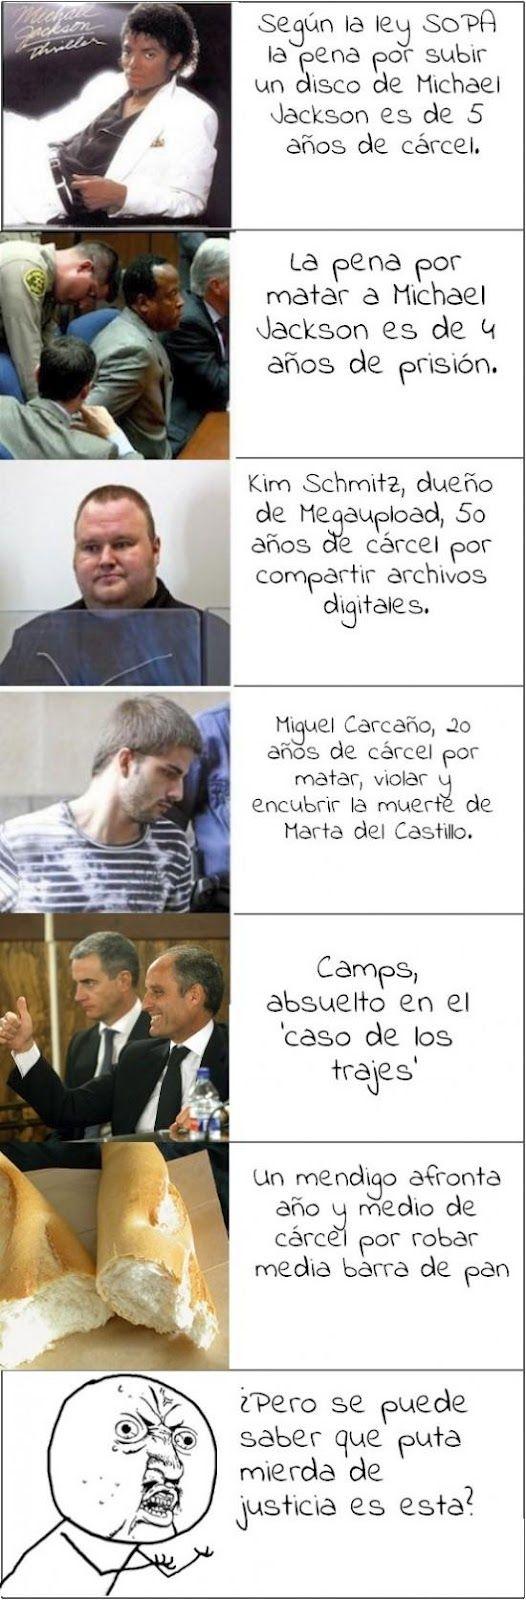 Meme, español, estos memes en español no se caen, los puedes llevar a tu foro o página Web a través del enlace, ya que estas imáginas se qu...